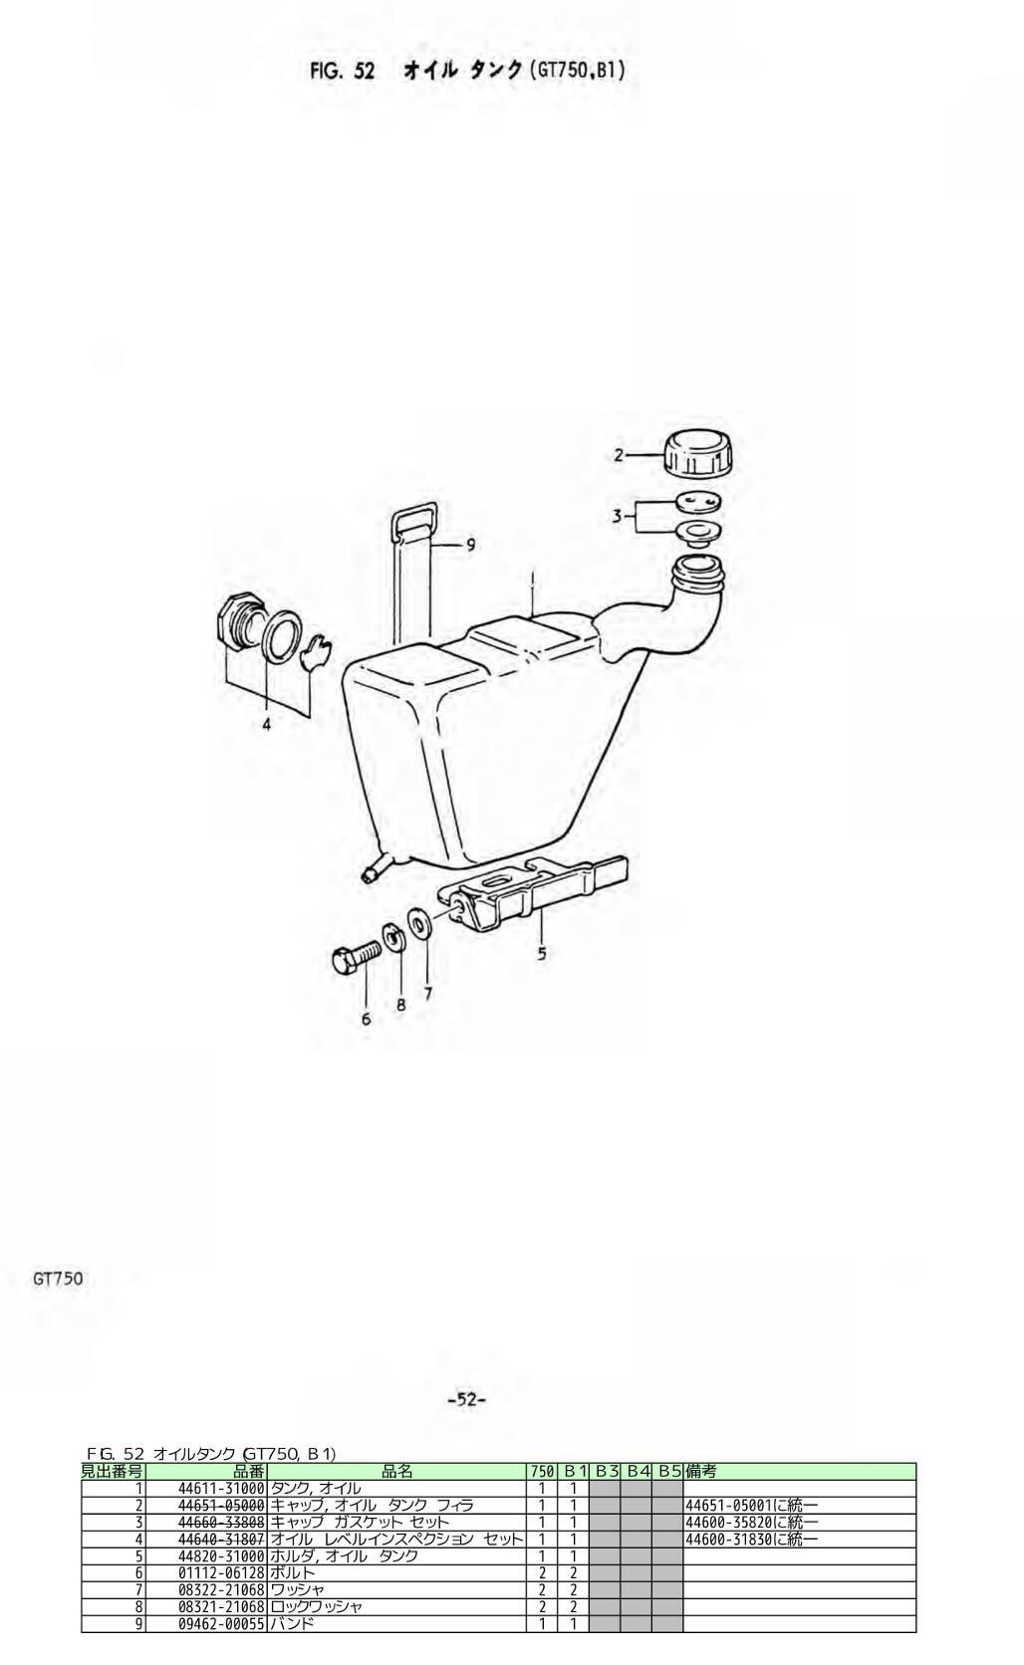 1987 porsche 924s wiring diagram prs custom 22 fuse box auto